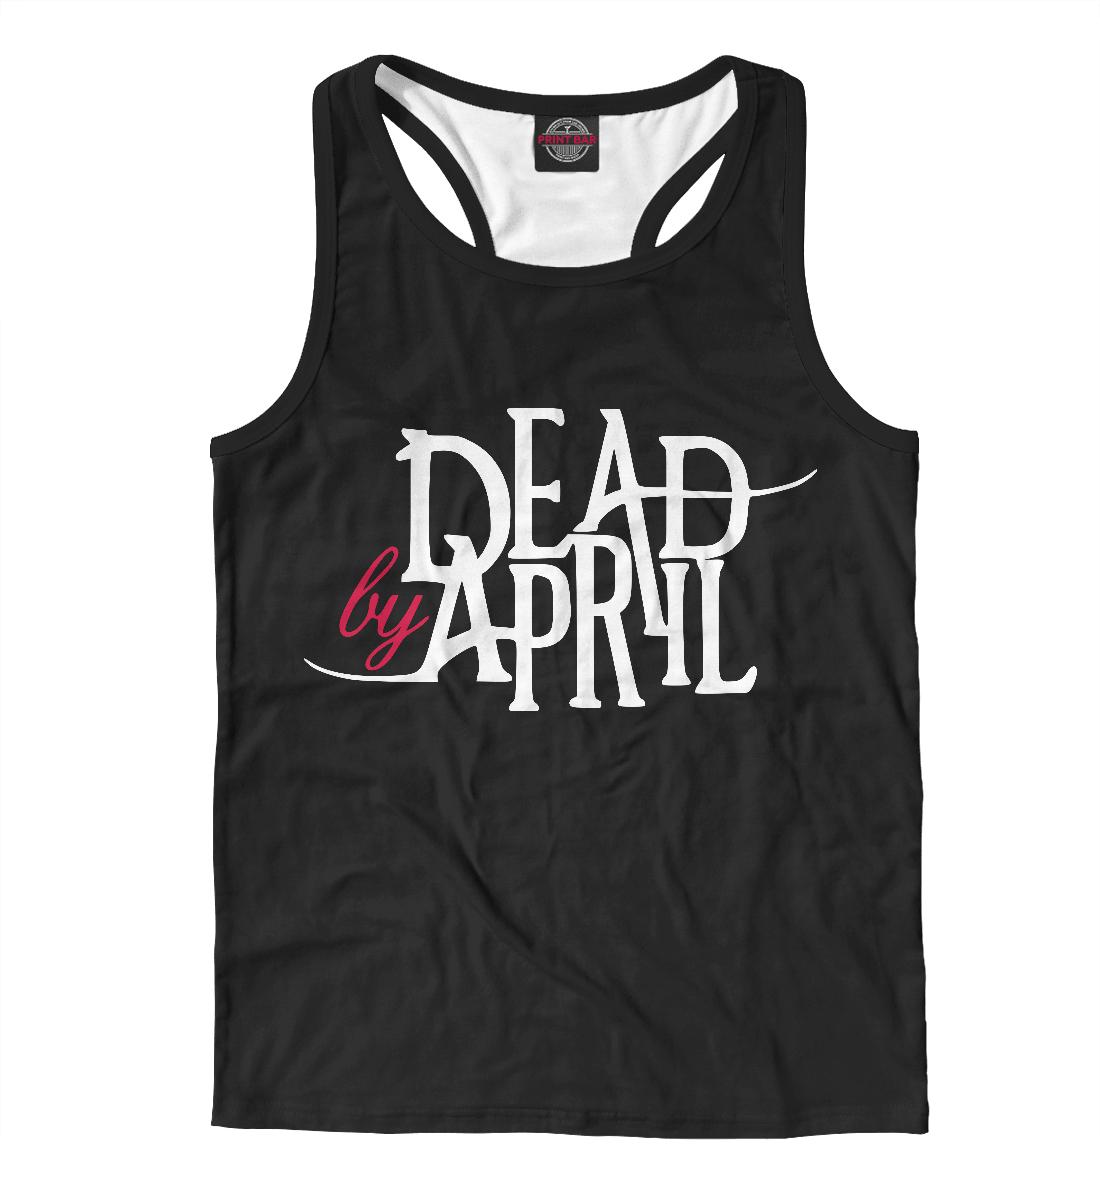 Купить Dead by April, Printbar, Майки борцовки, MZK-706185-mayb-2